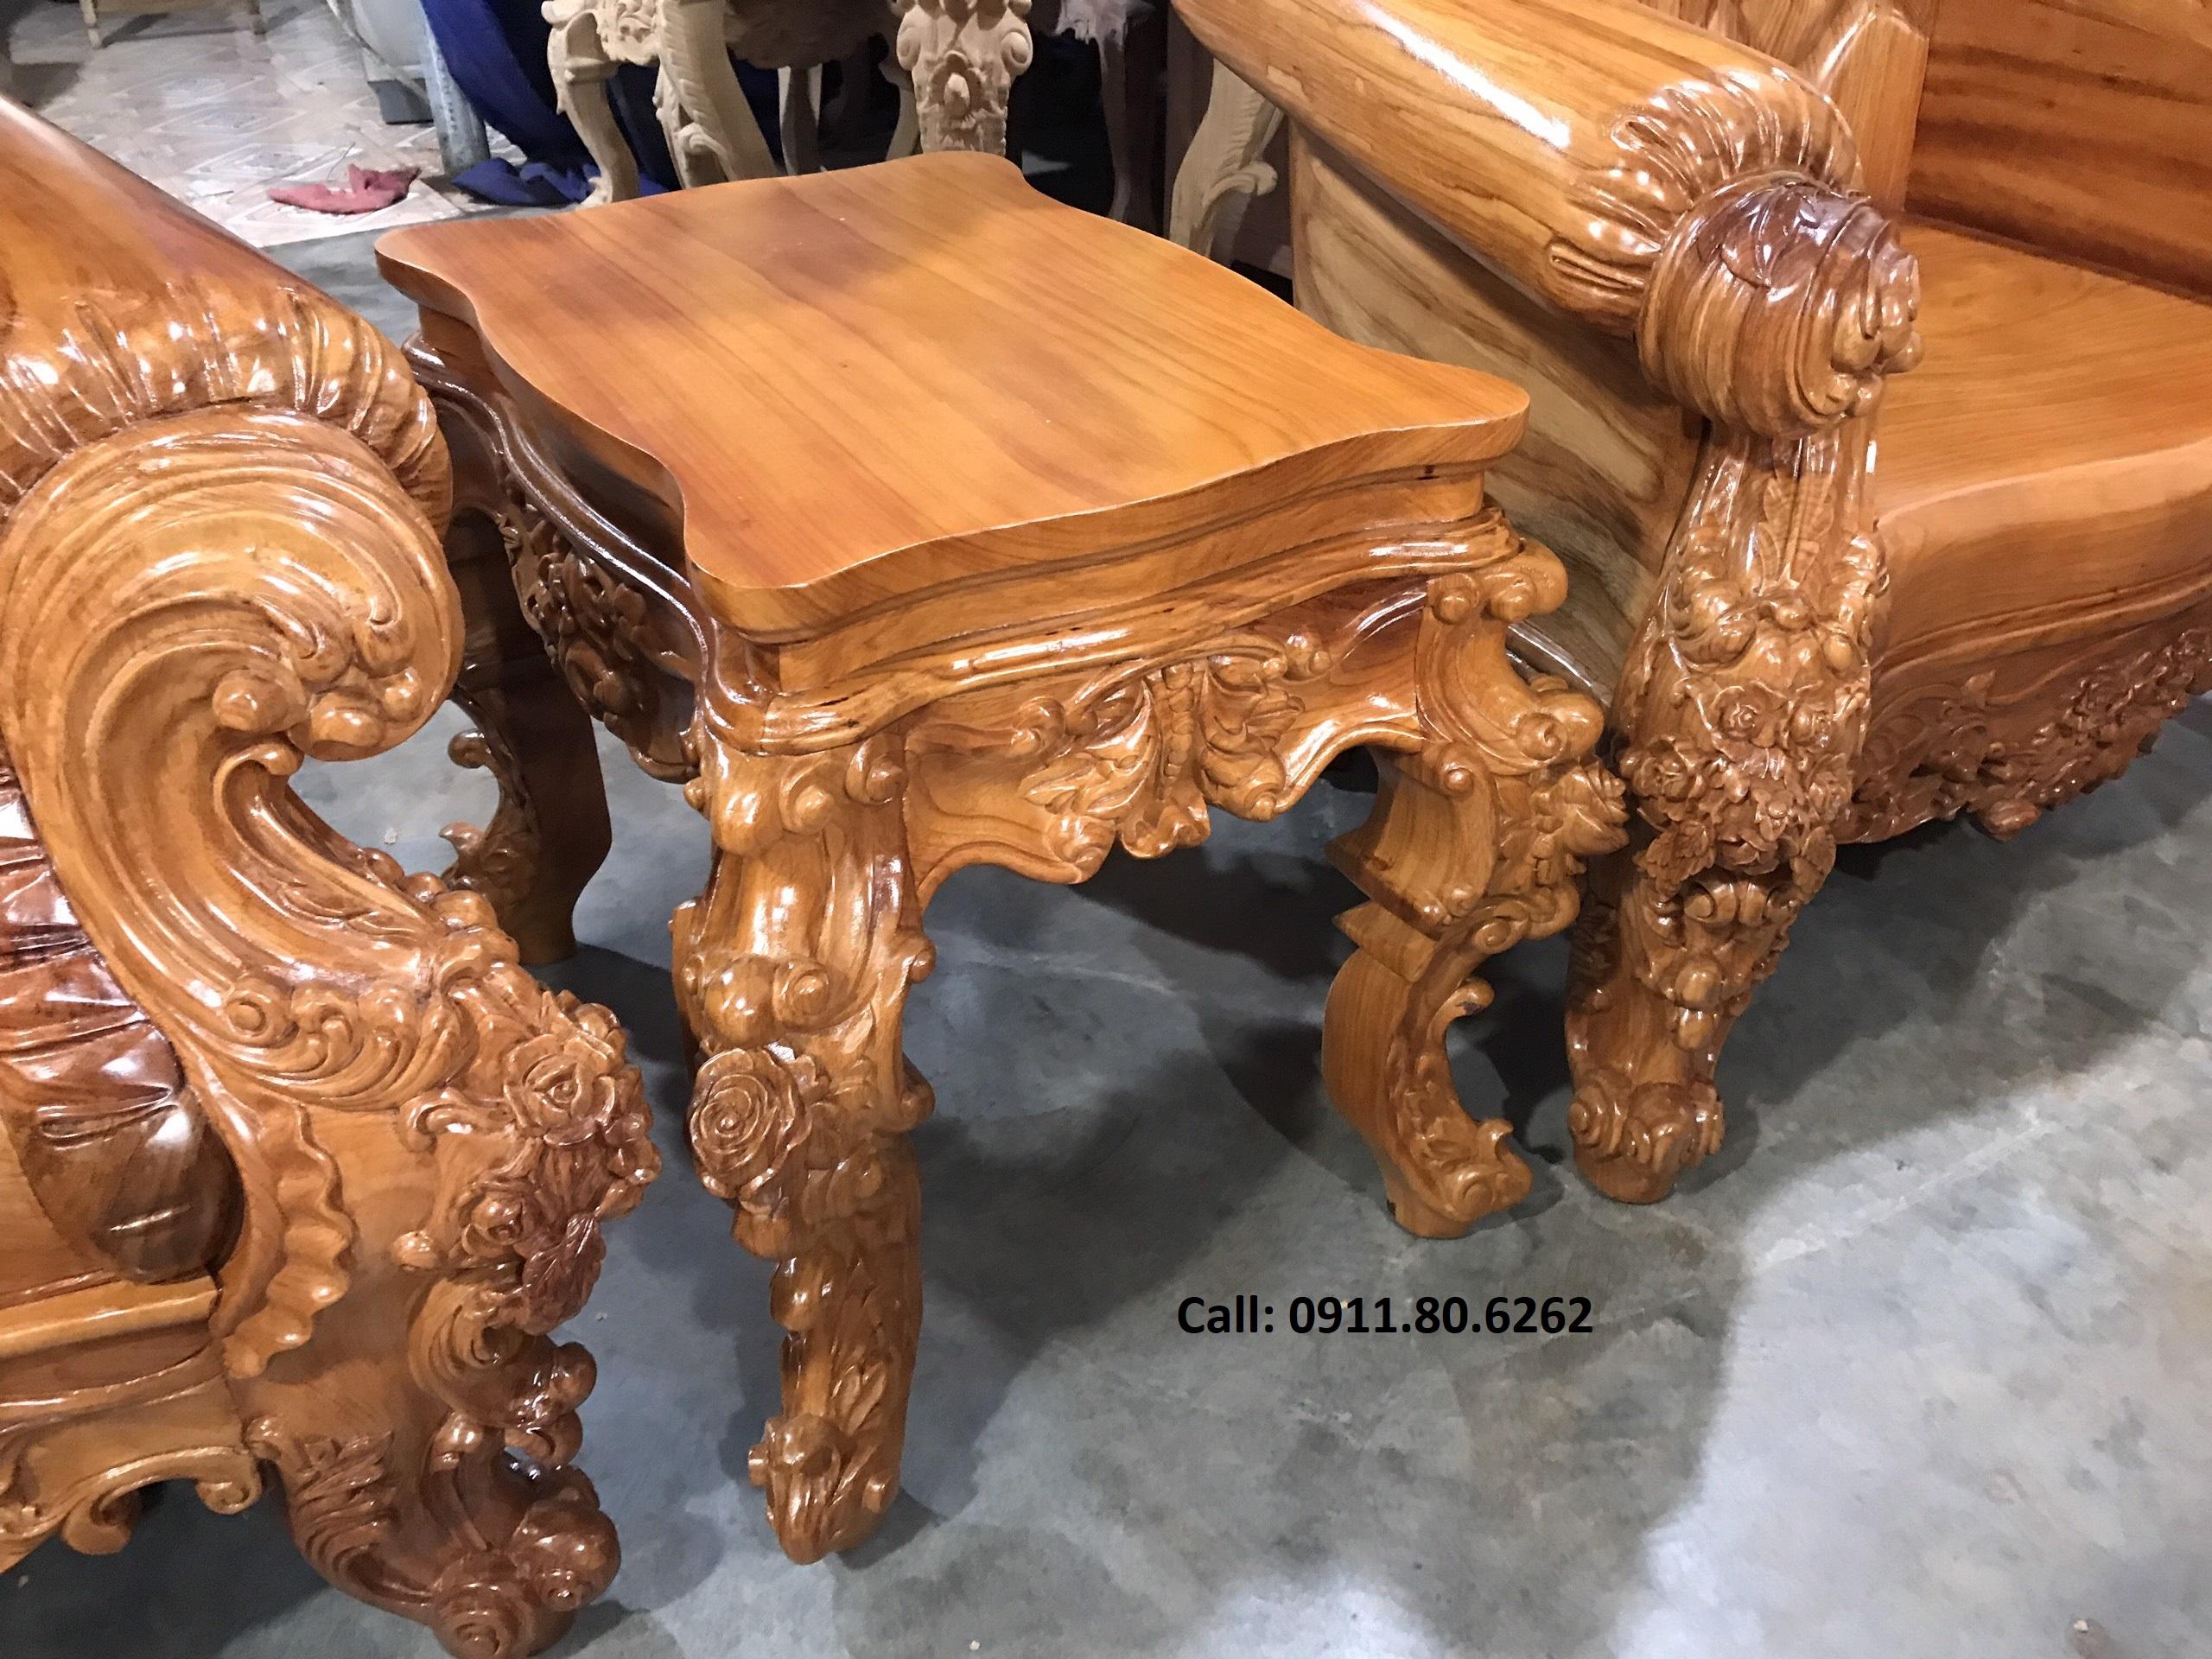 Sofa louis hoang gia 11 - Sofa Louis Hoàng Gia MS: 64